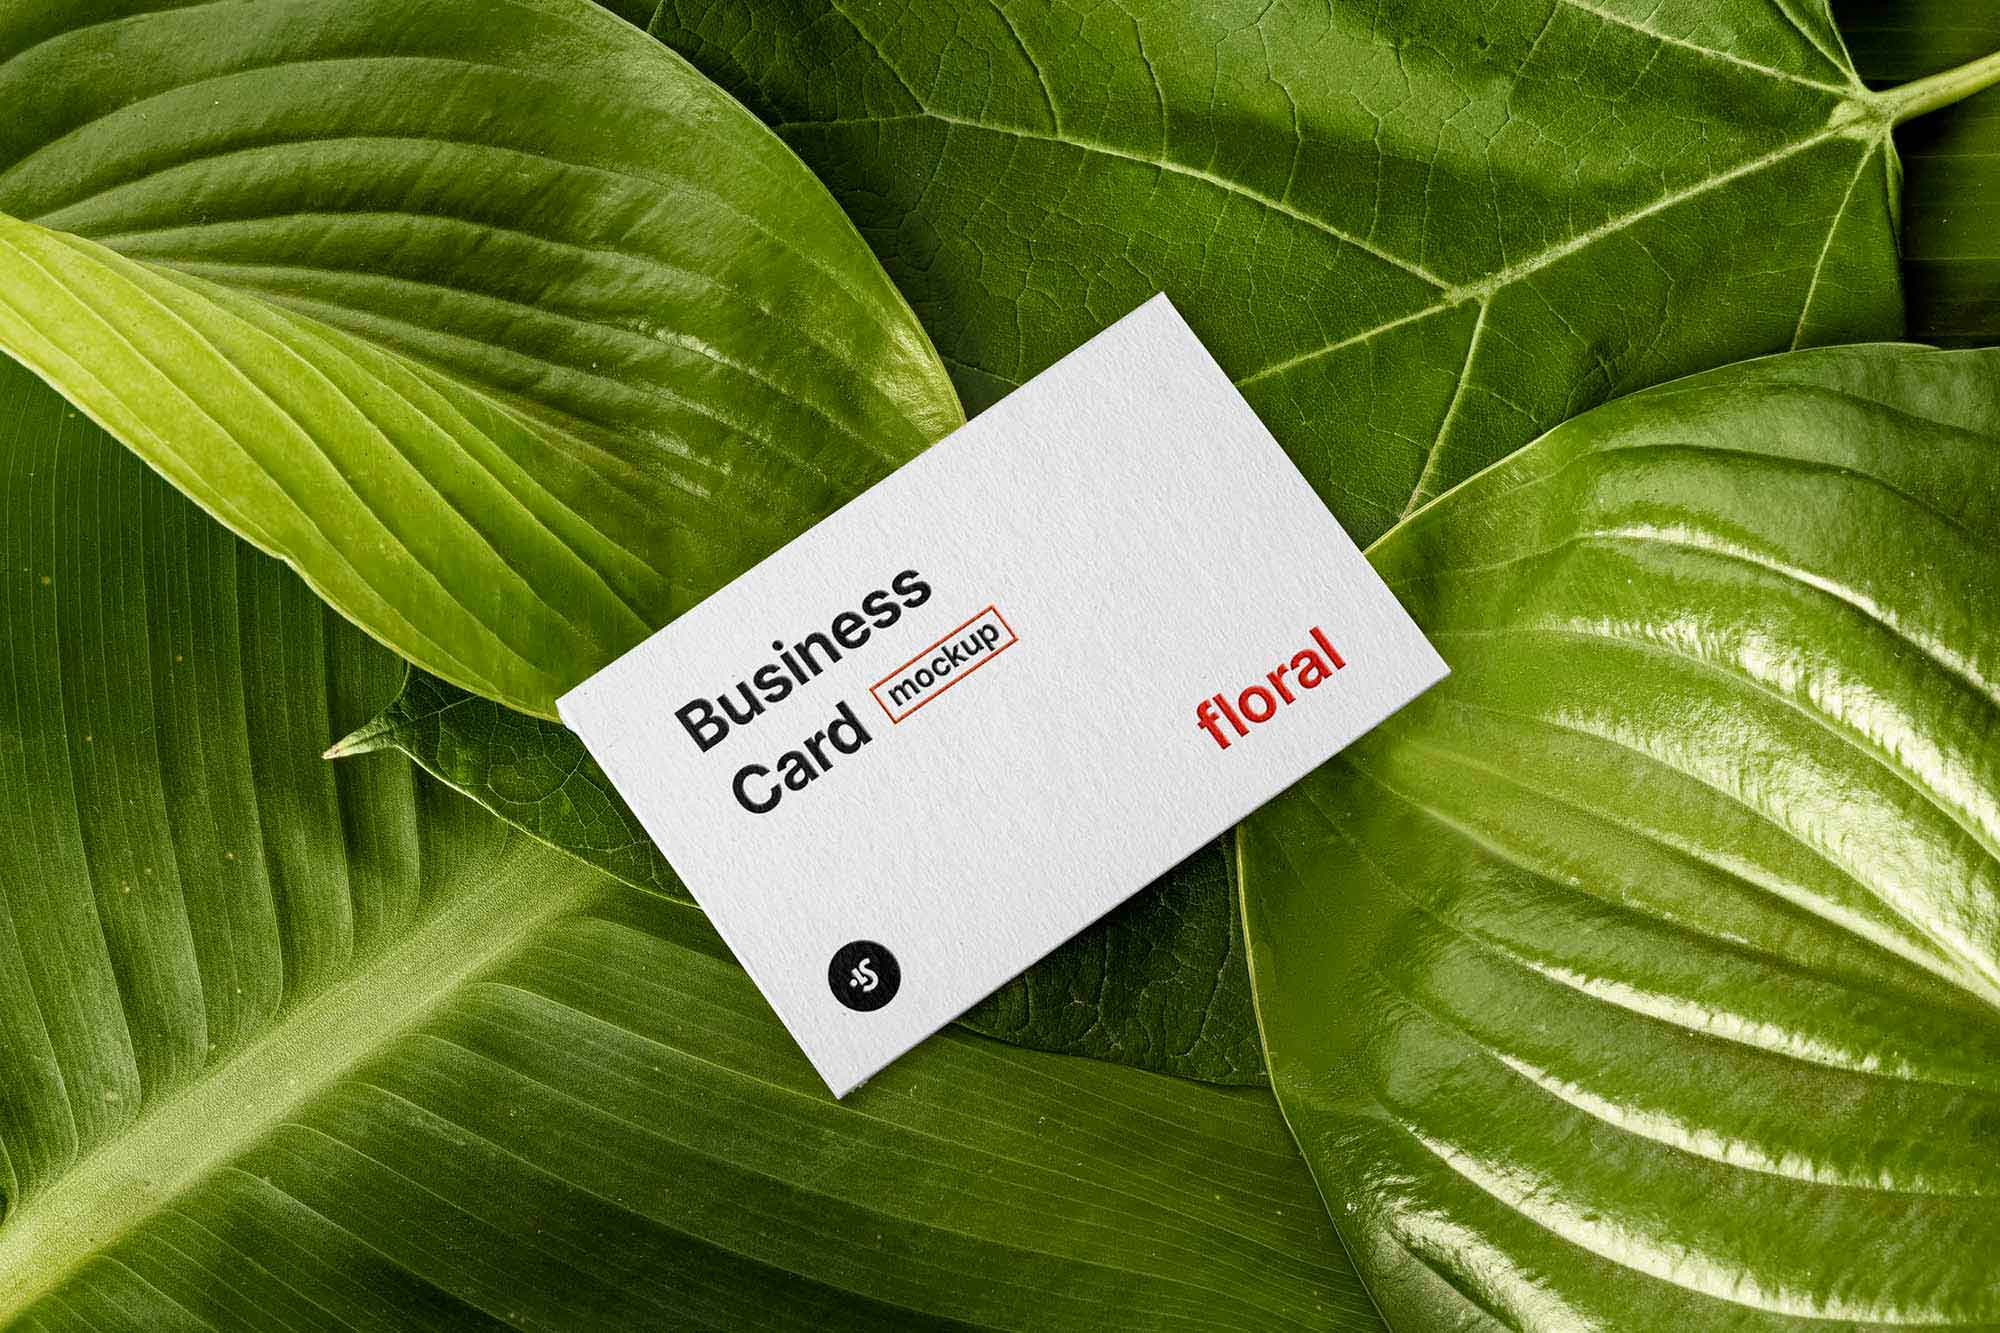 Floral Business Card Mockup